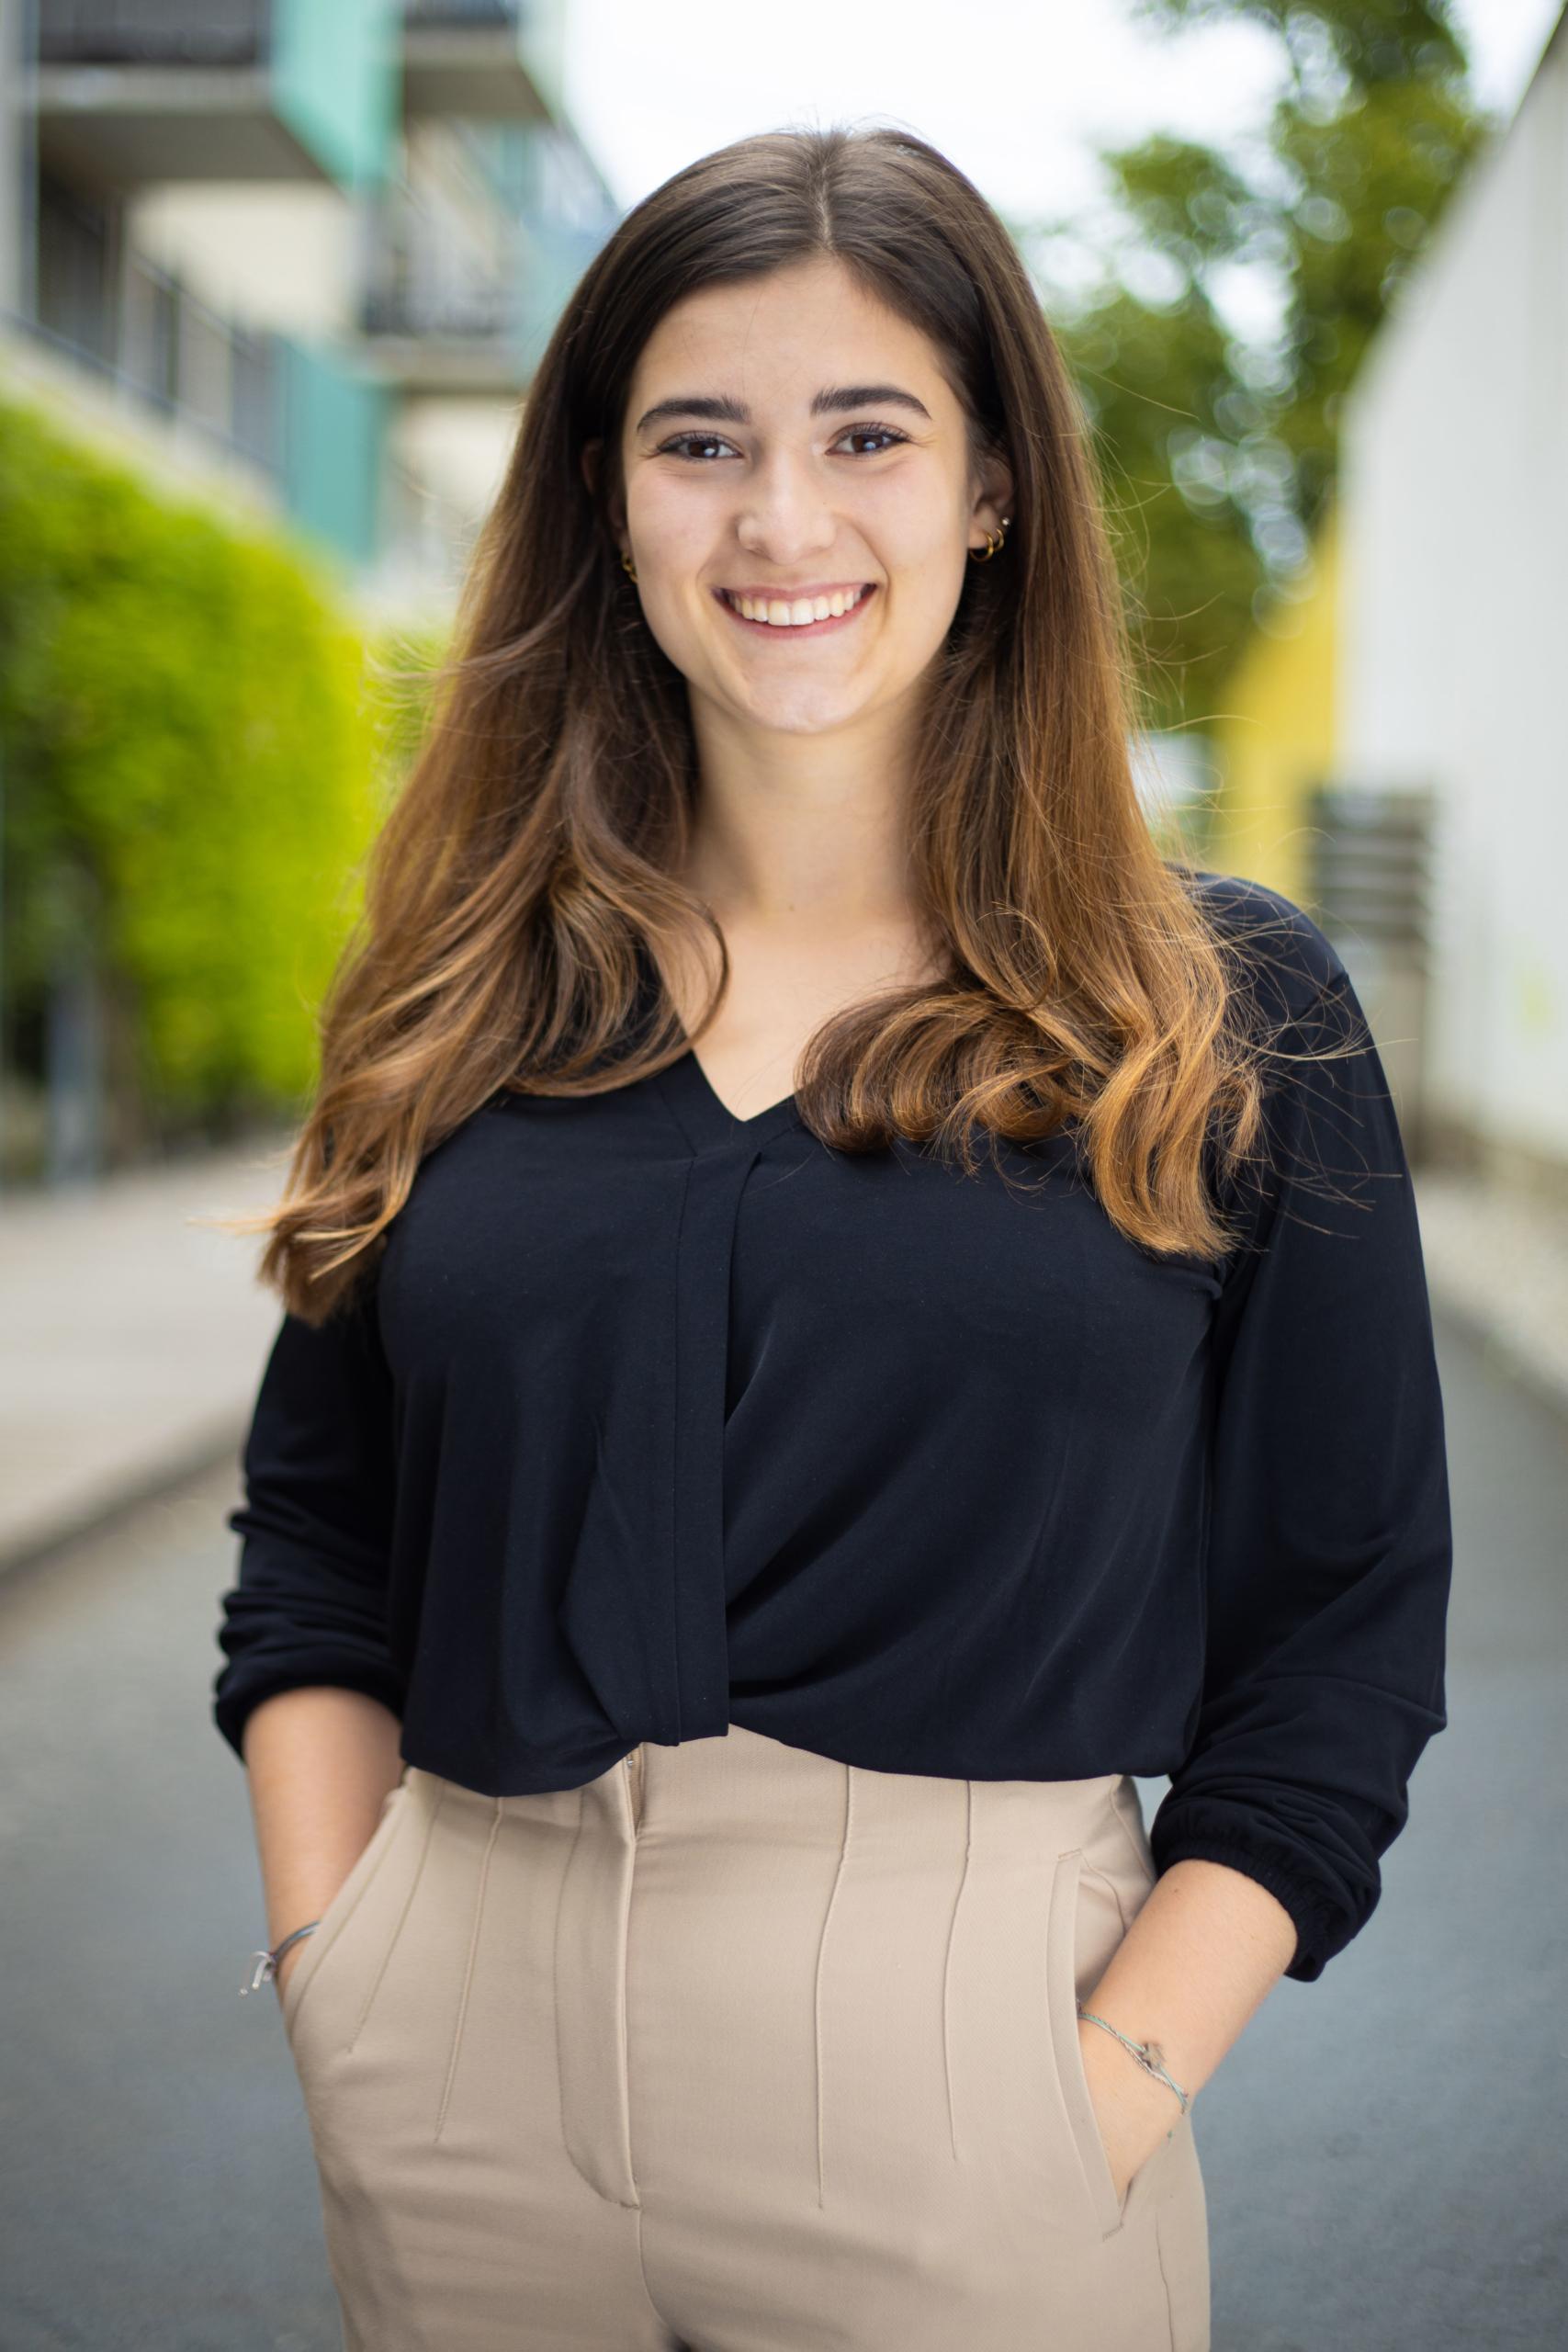 Anna Radman